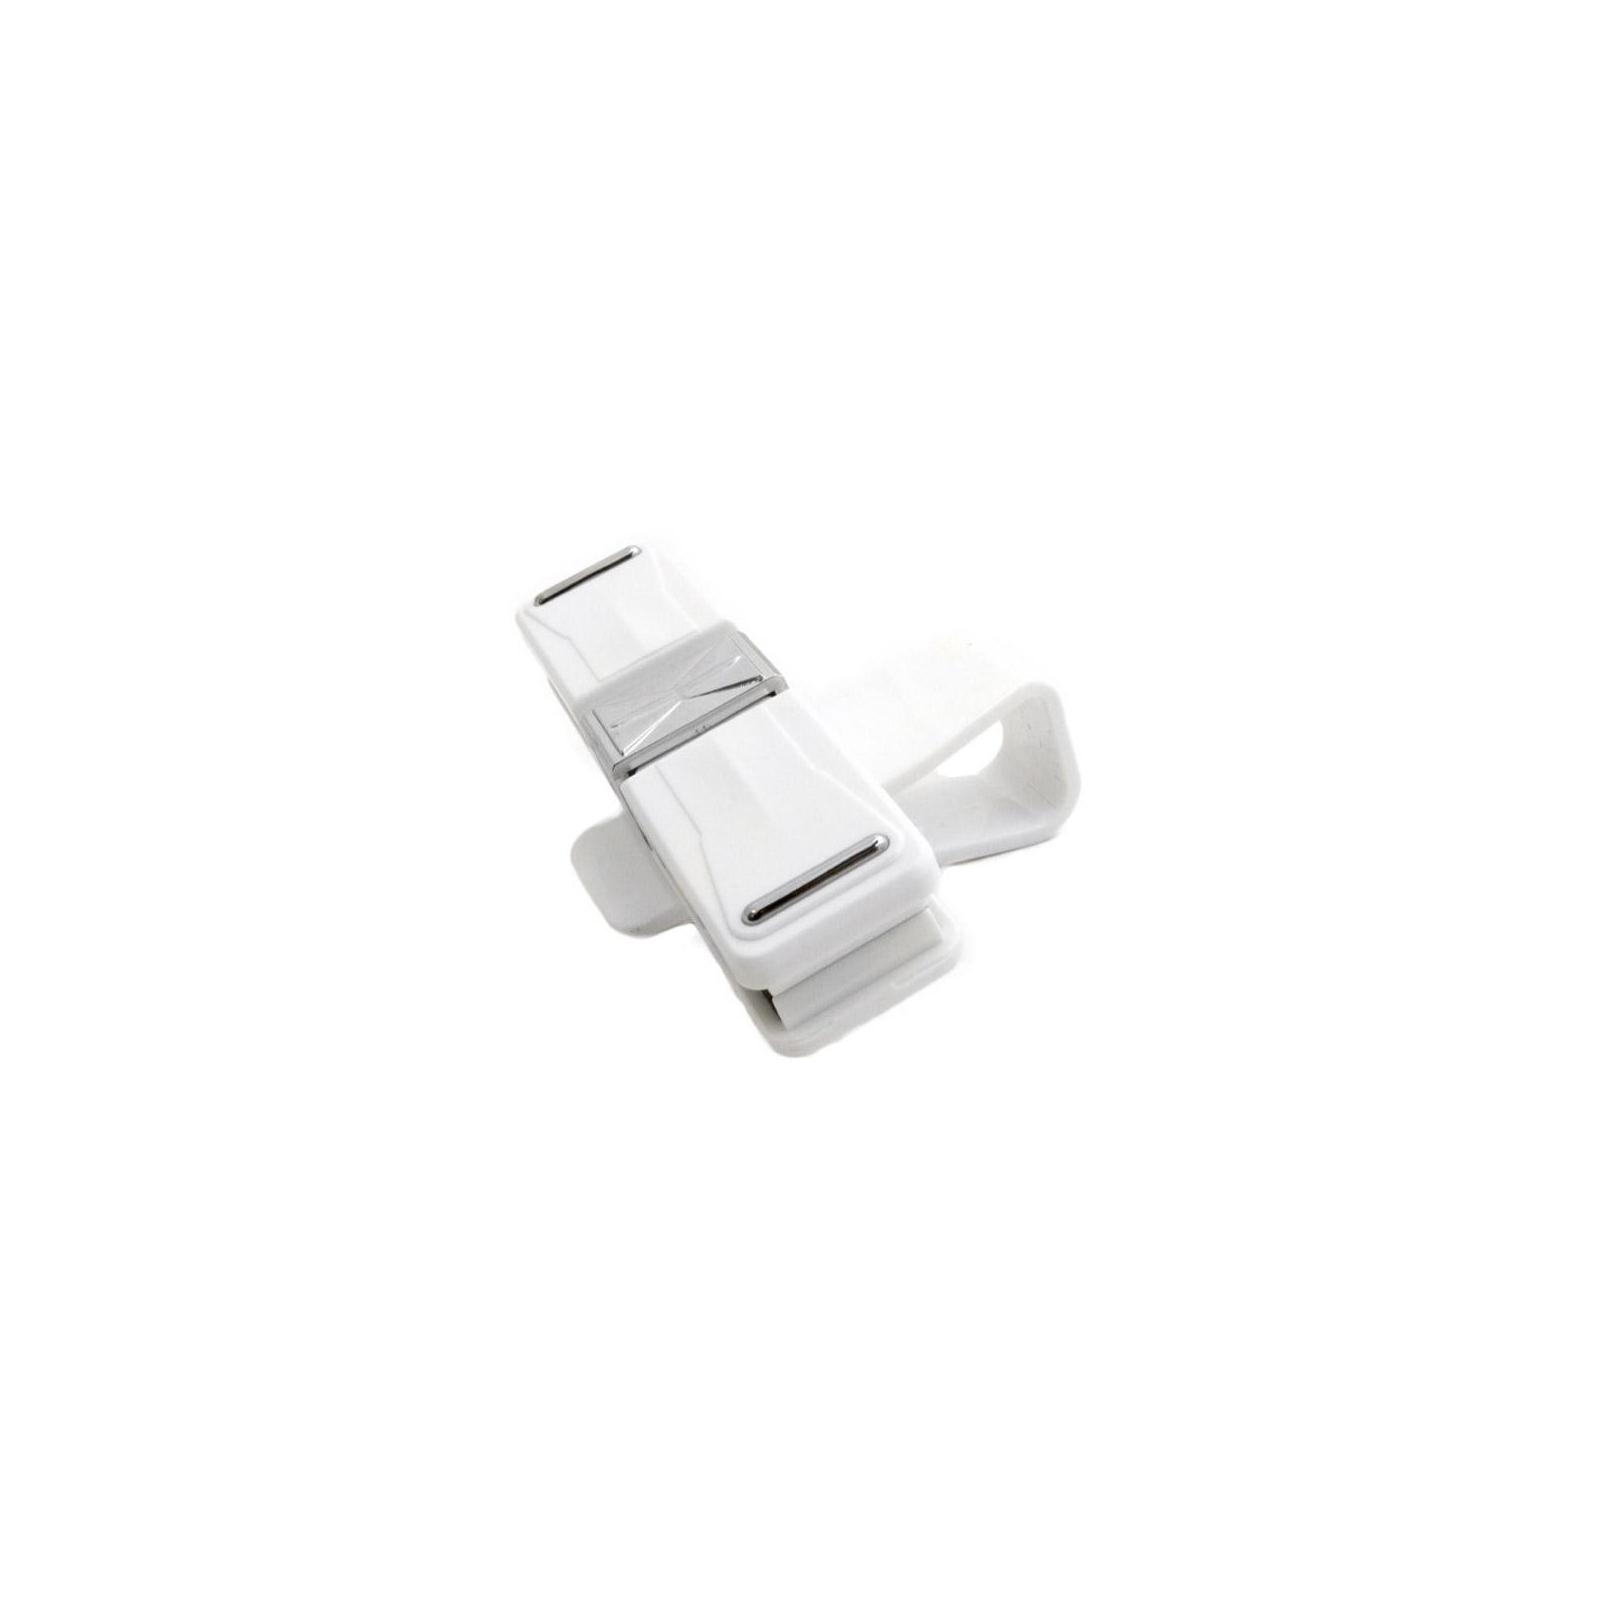 Универсальный автодержатель EXTRADIGITAL для очков Glasses Holder White (CGH4121) изображение 6